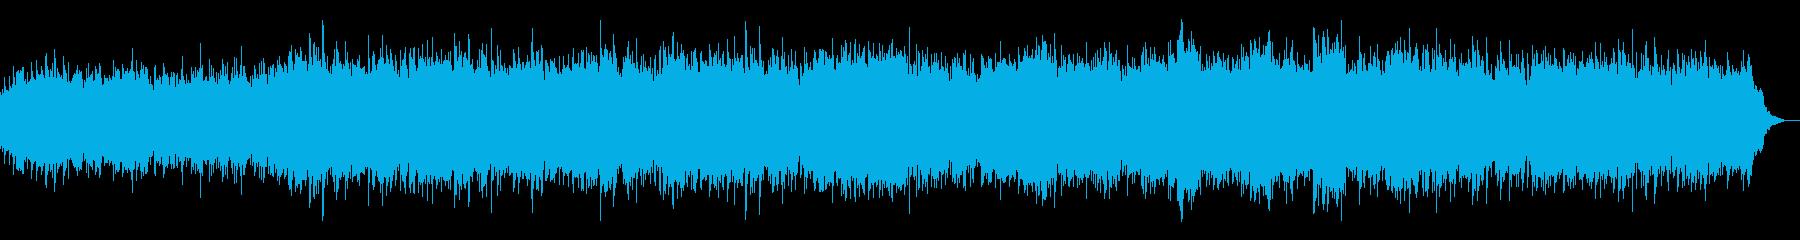 アコギとピアノとストリングスの童謡、里山の再生済みの波形